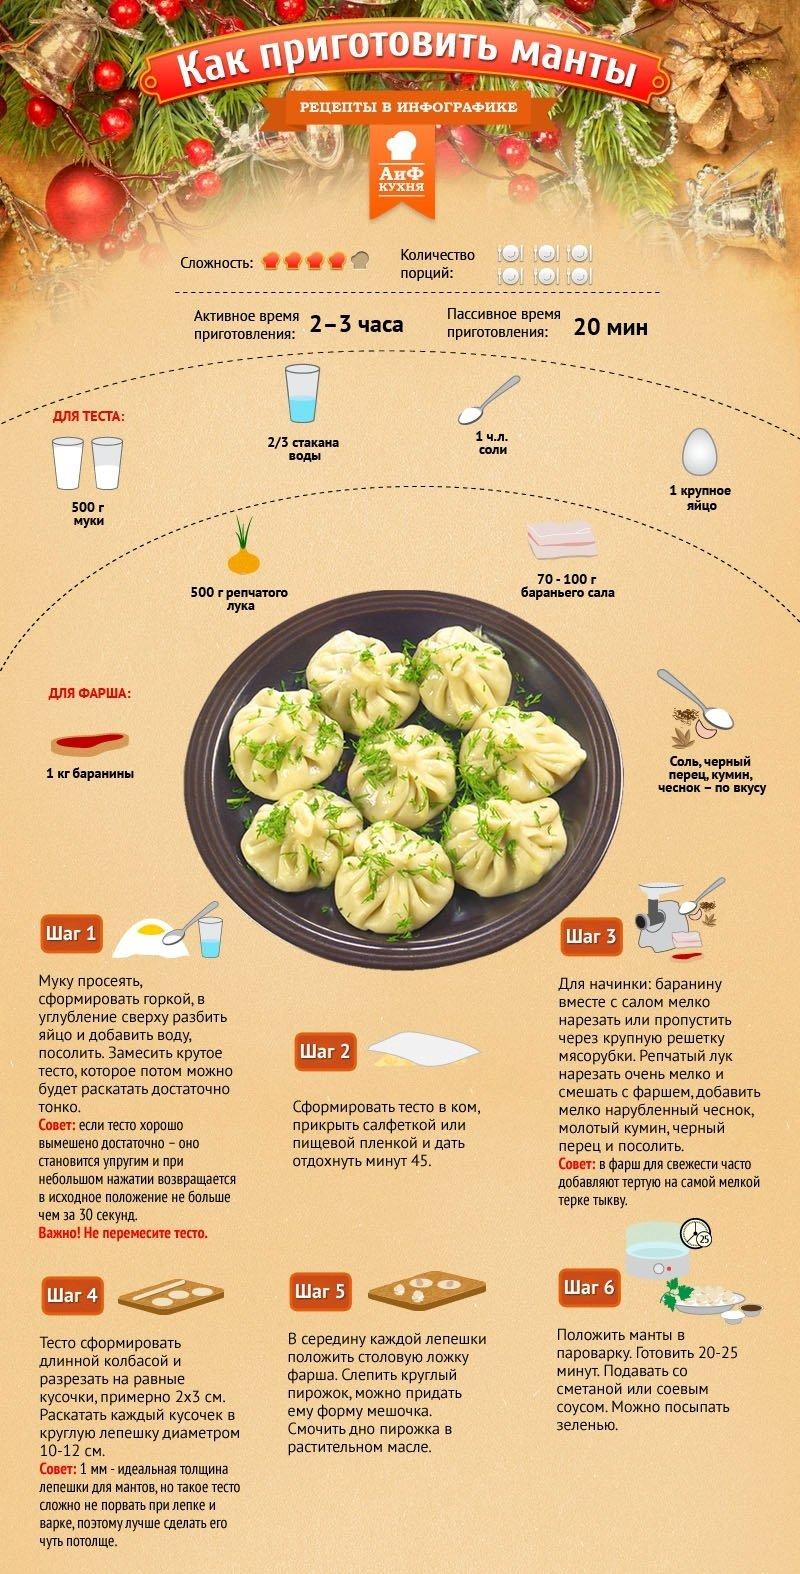 Простейшие пошаговые кулинарные рецепты